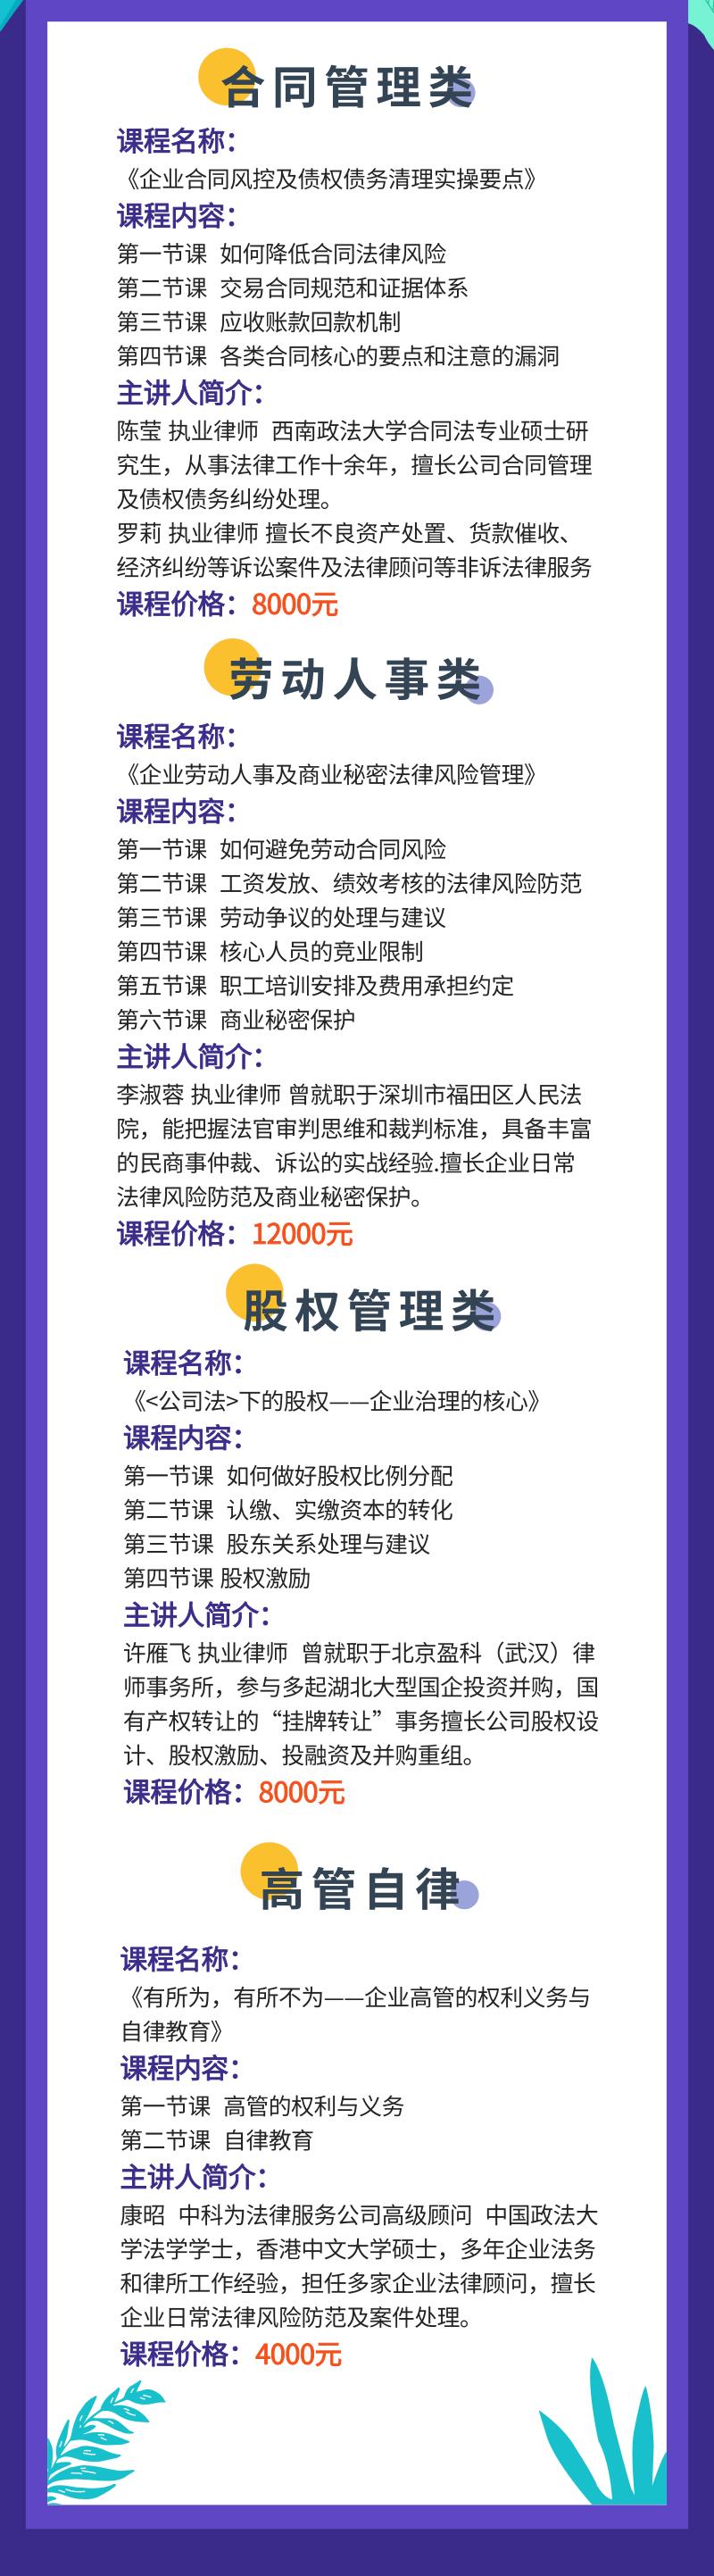 高新技术企业法律培训-无头部.png